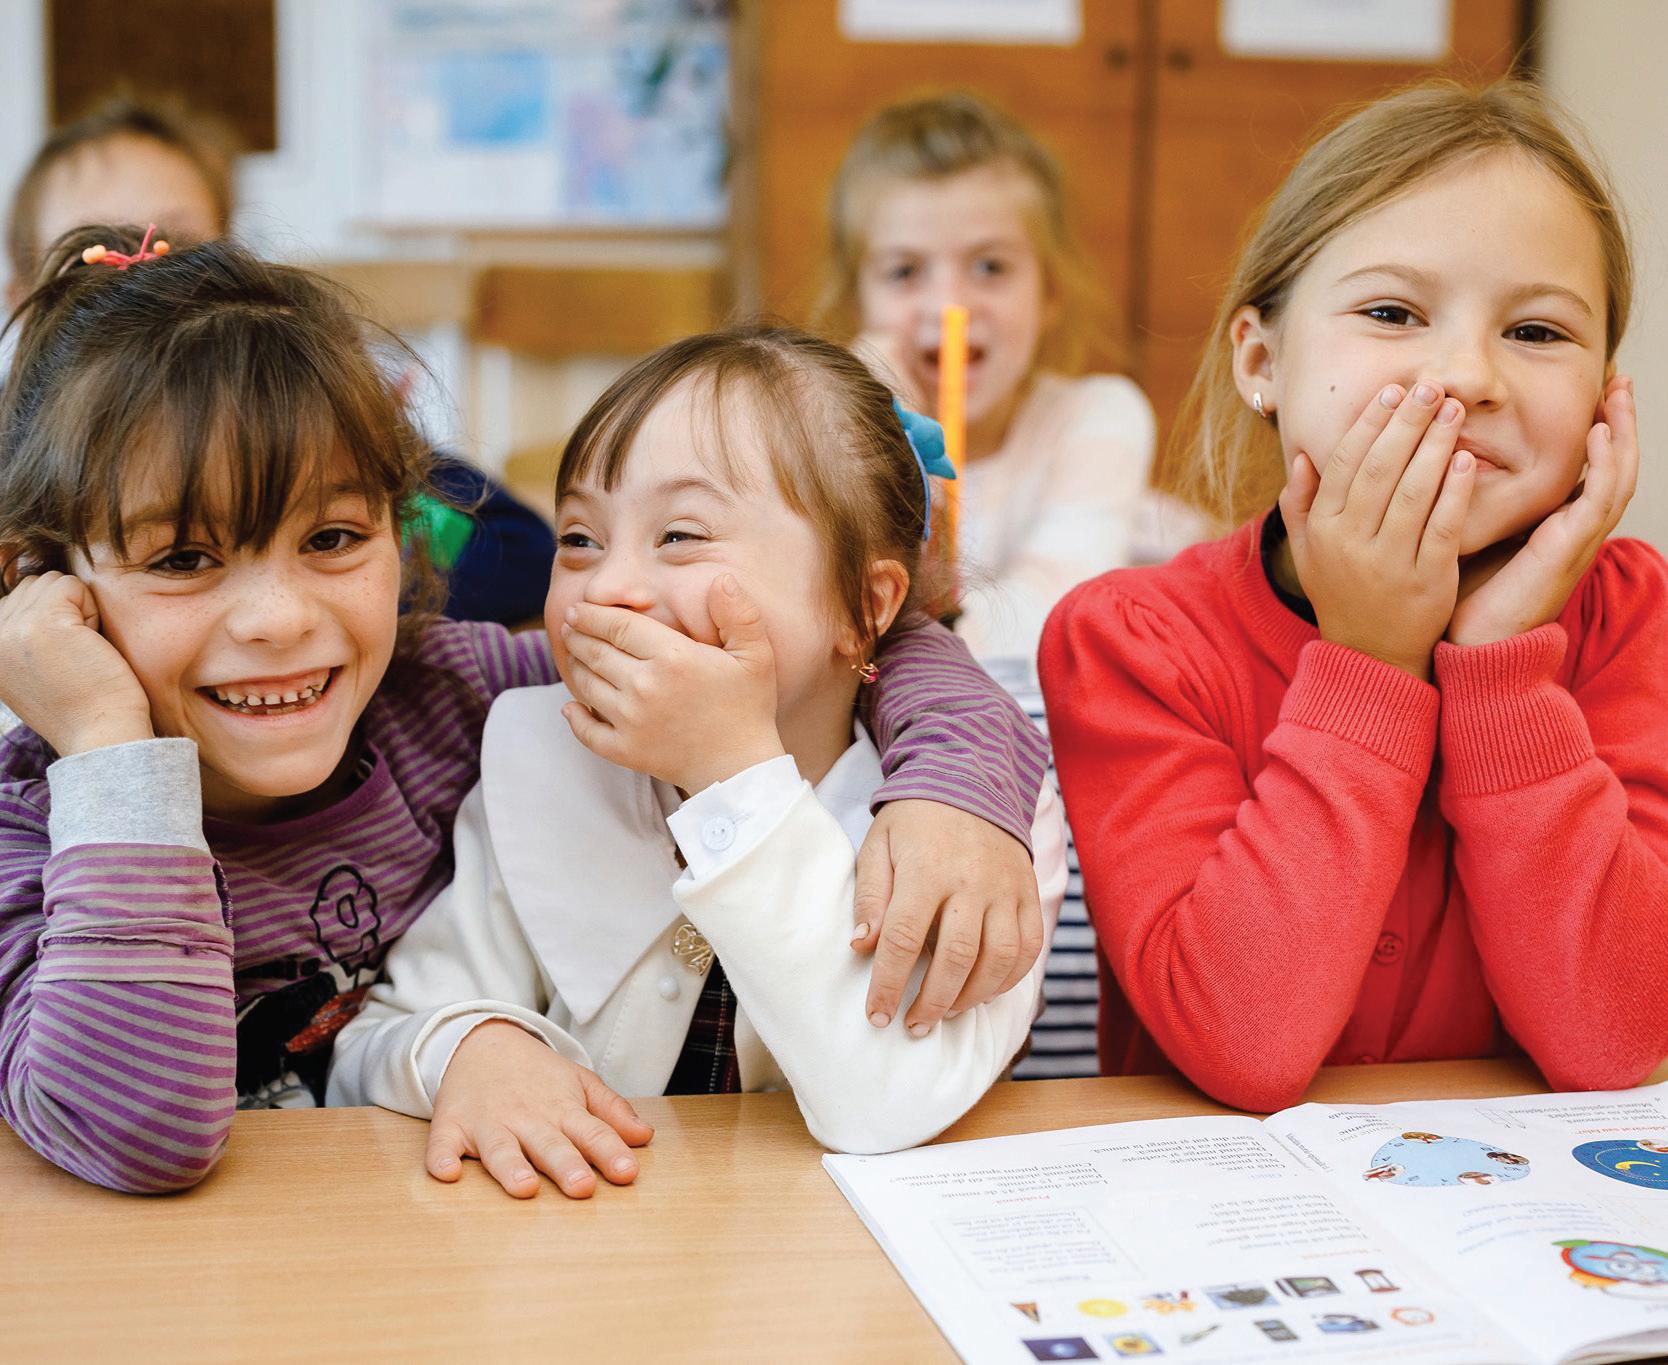 Învățământul și situația COVID-19 în Republica Moldova